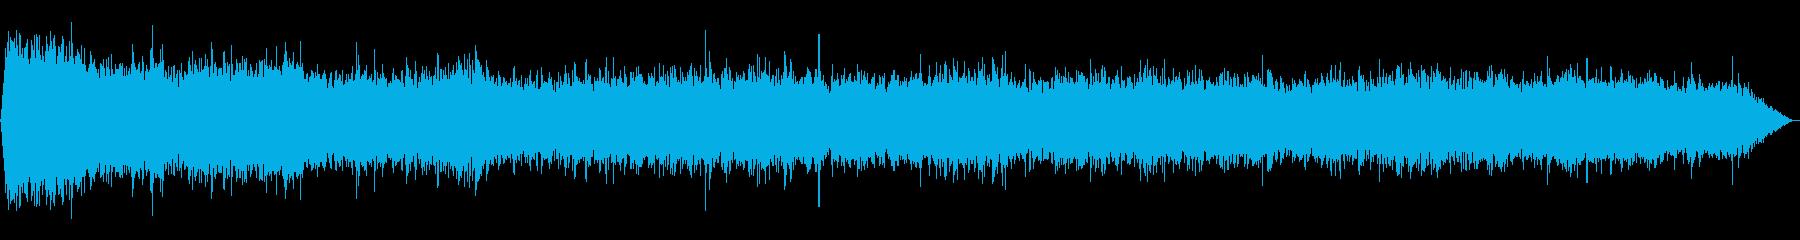 強い雨(バイノーラル録音)の再生済みの波形